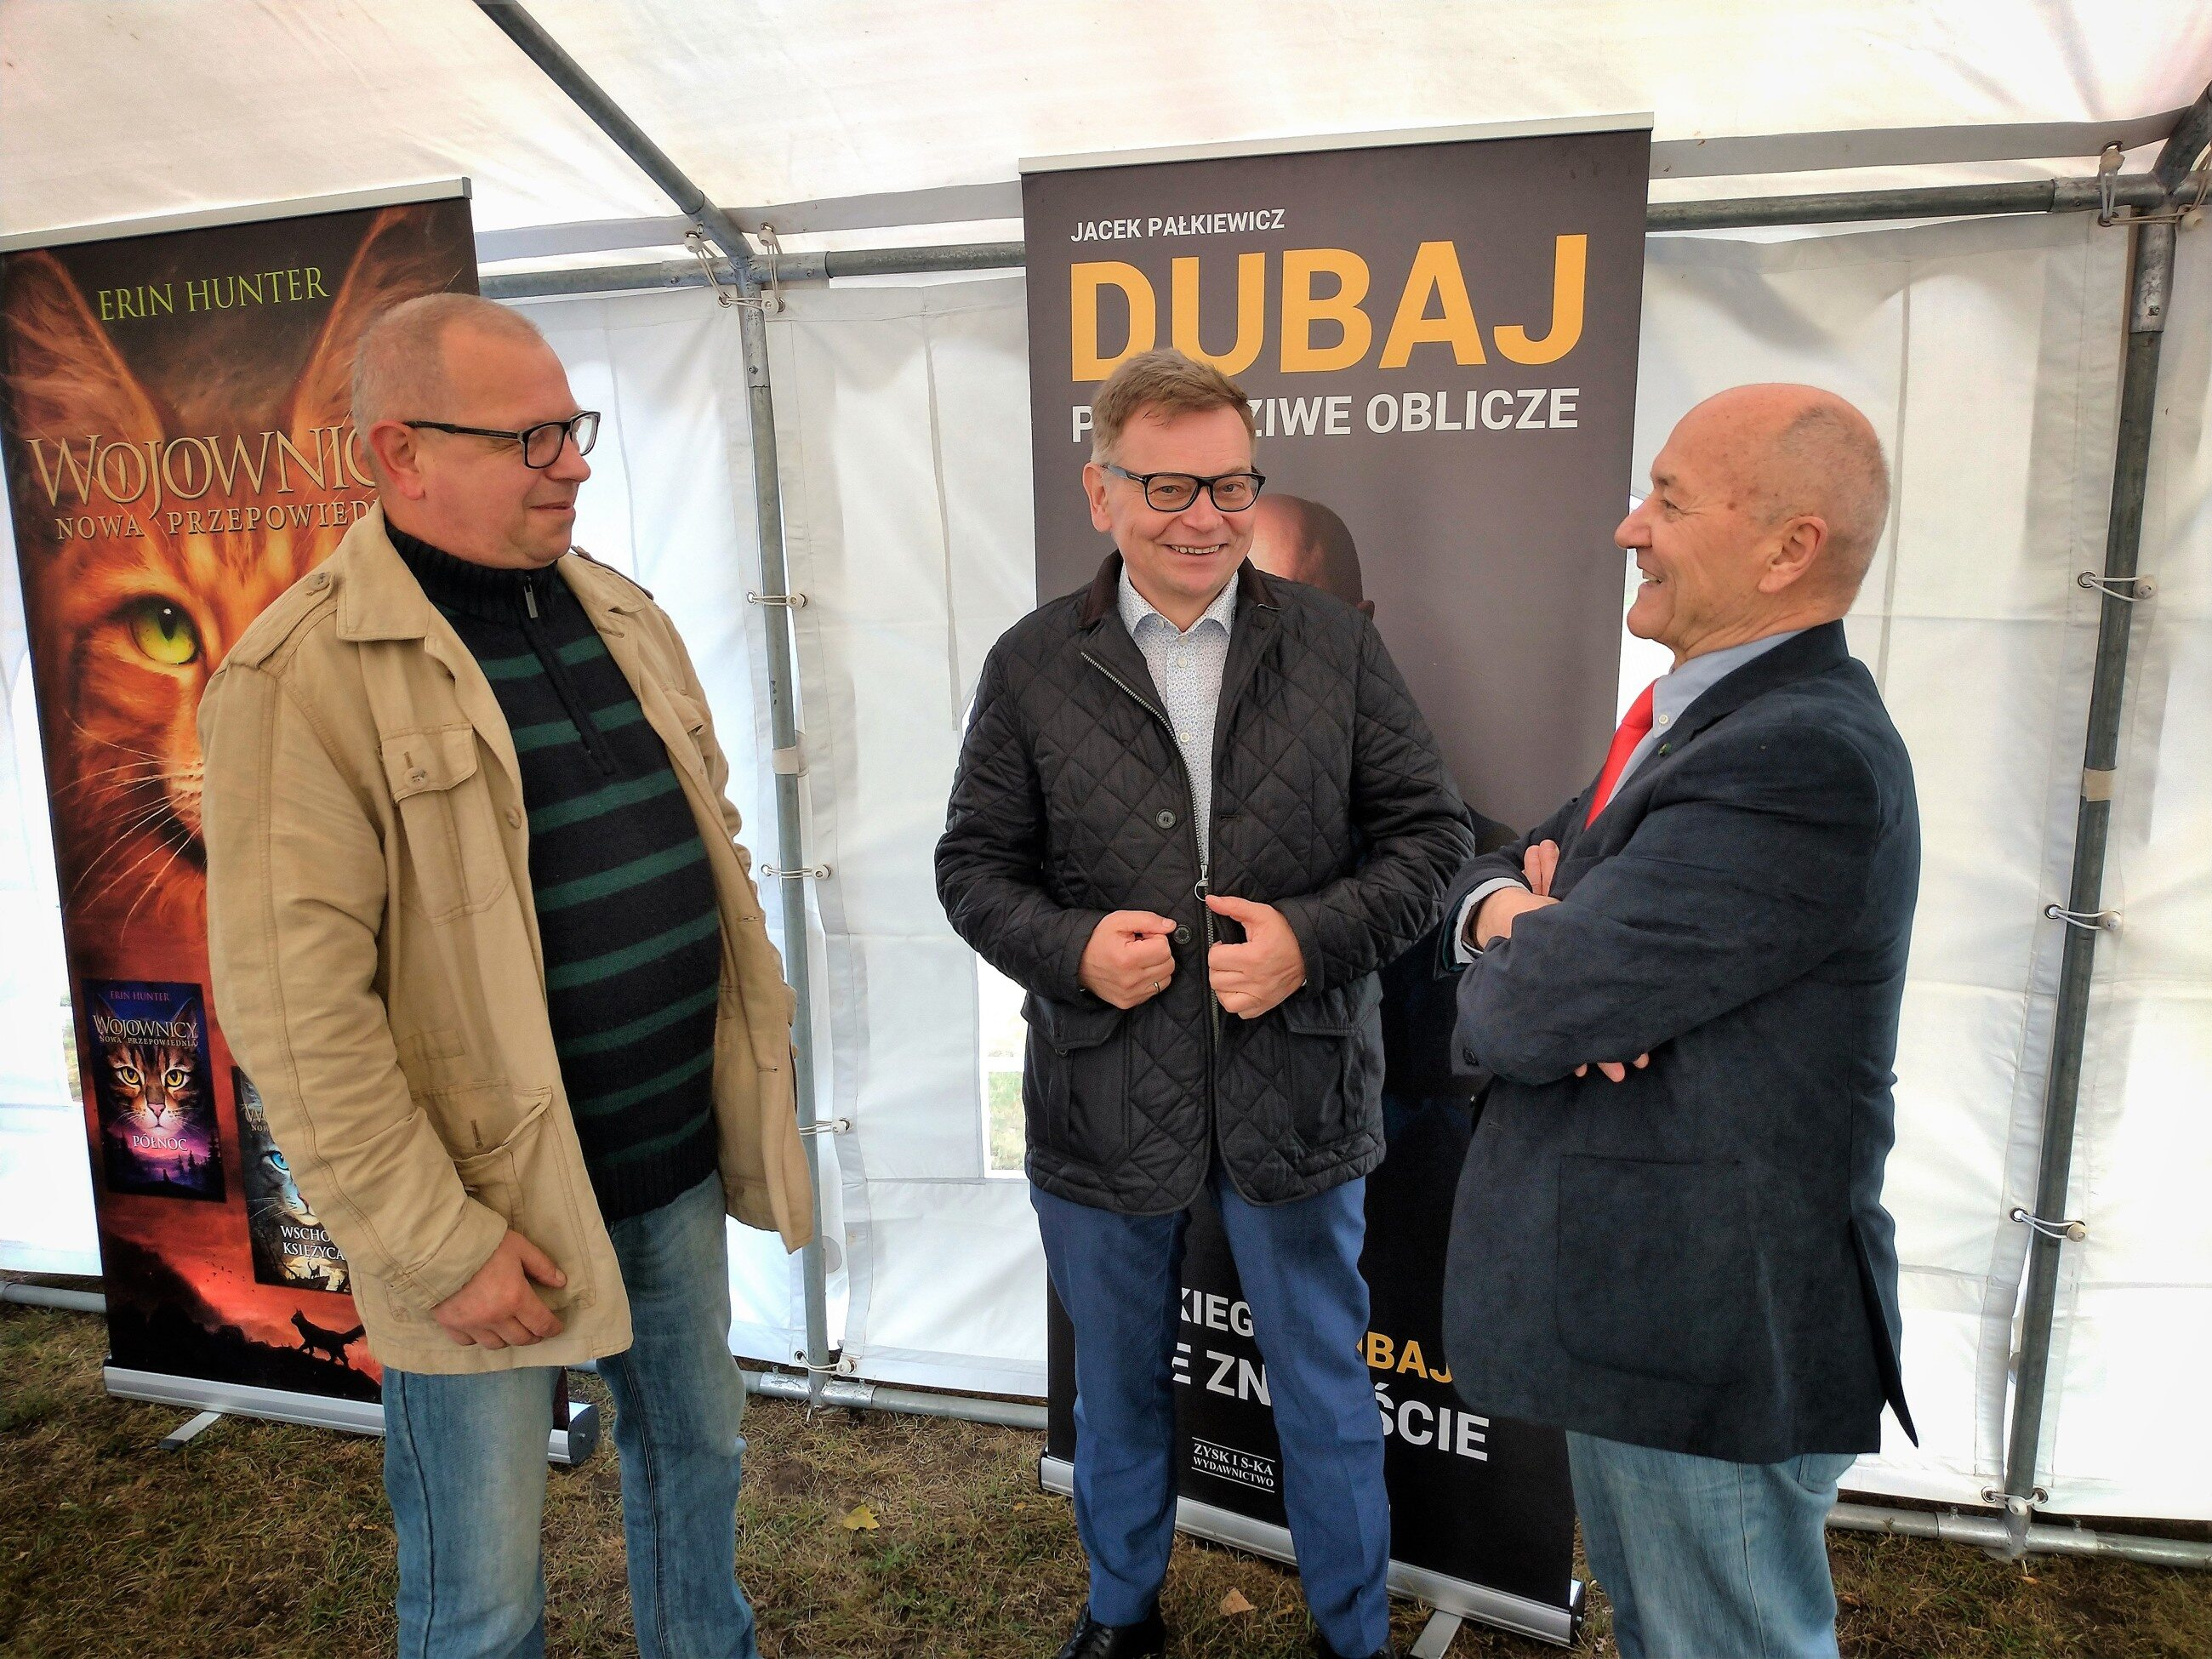 Michał Kruszona, Tadeusz Zysk, Jacek Pałkiewicz